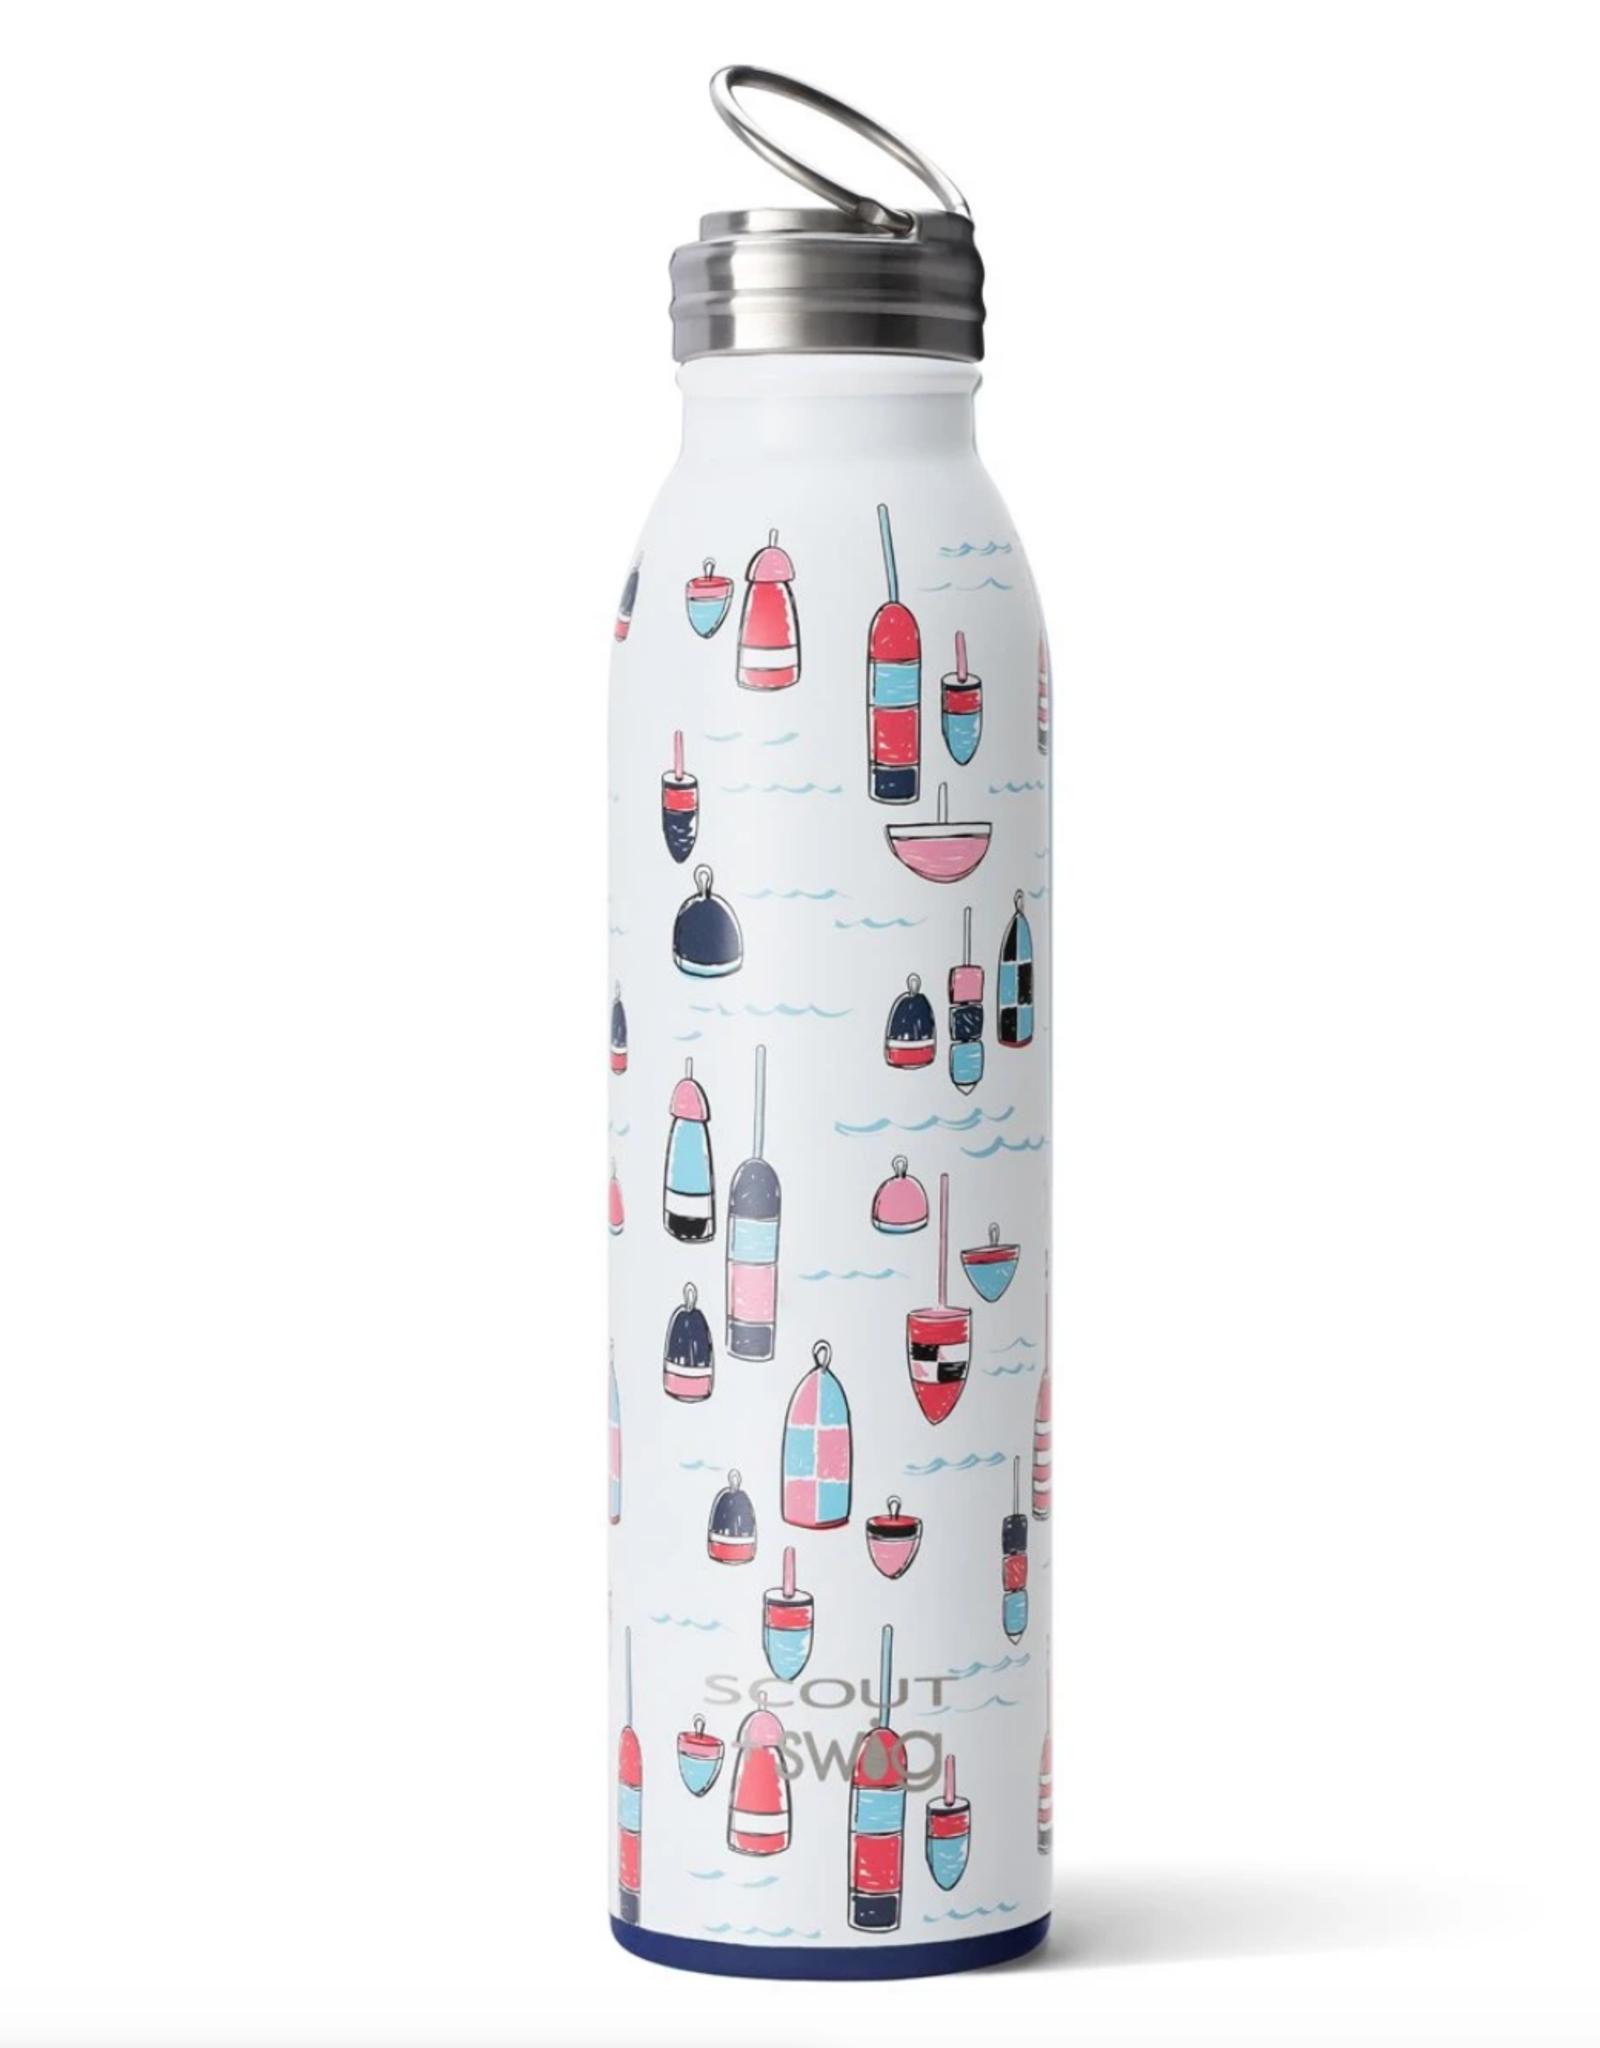 SWIG Swig 20oz Bottle- SCOUT- Buoy Oh Buoy